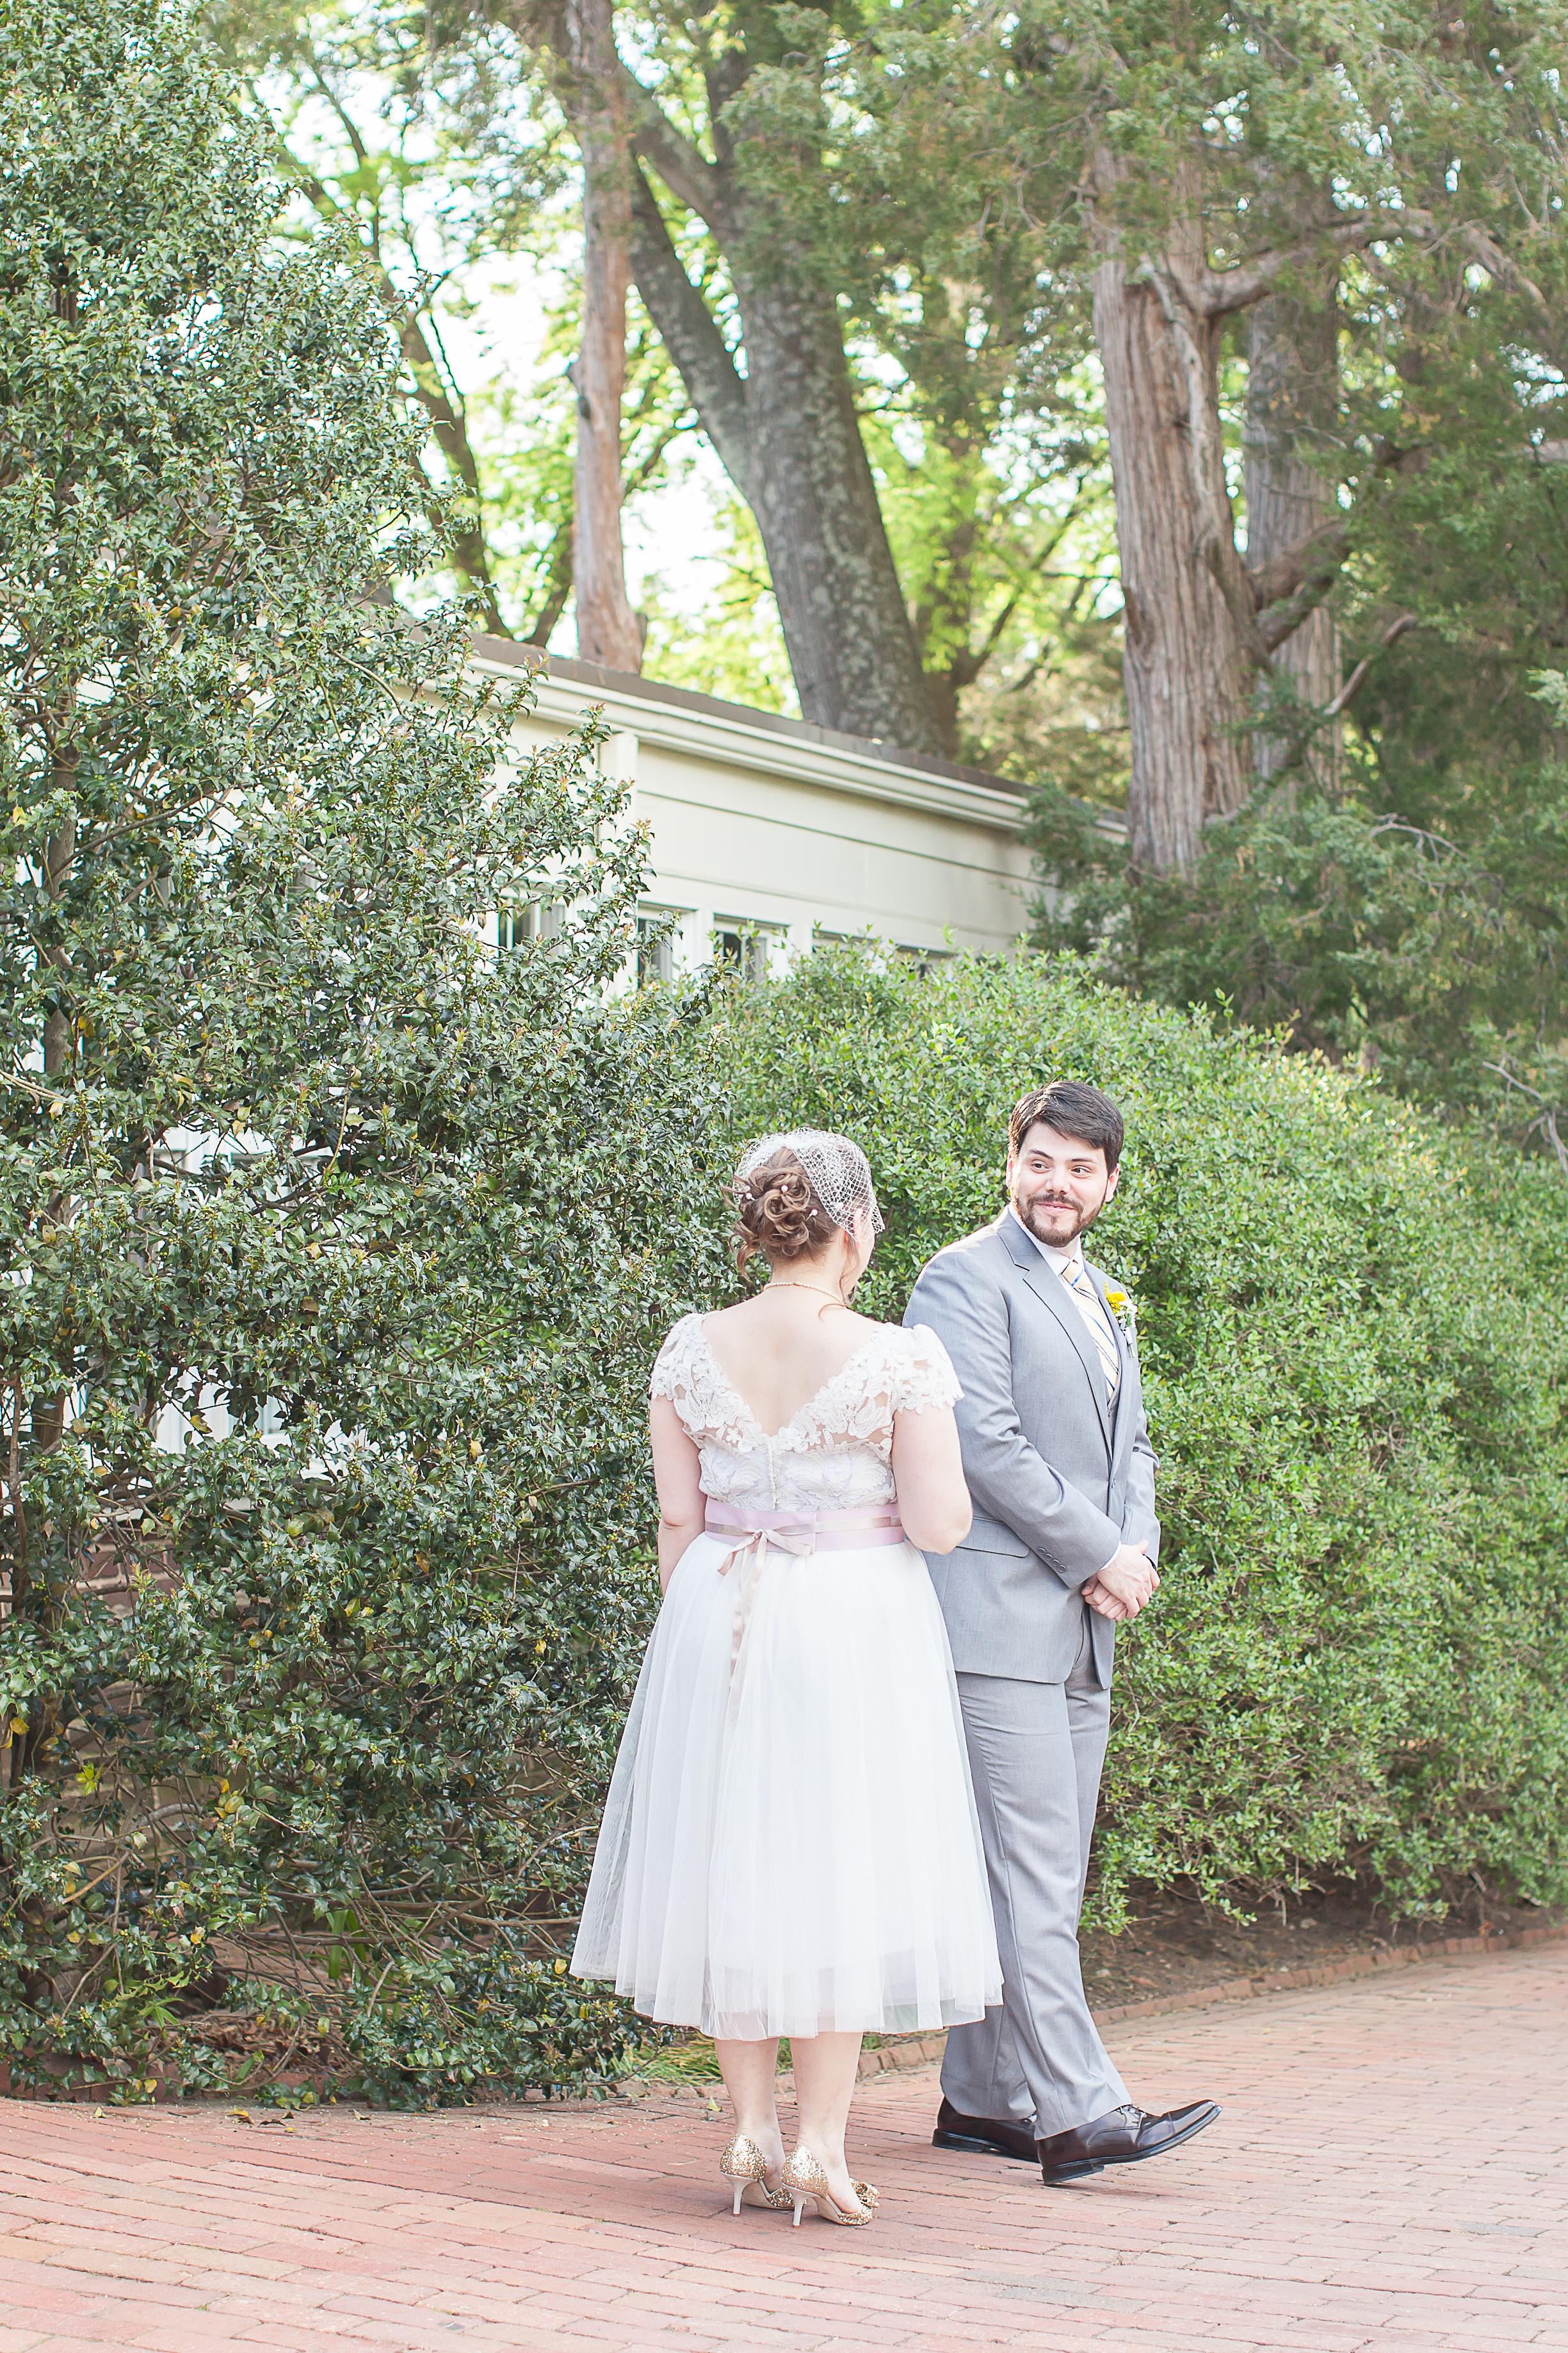 K-S-Wedding-Kim-Pham-Clark-Photography-161.jpg